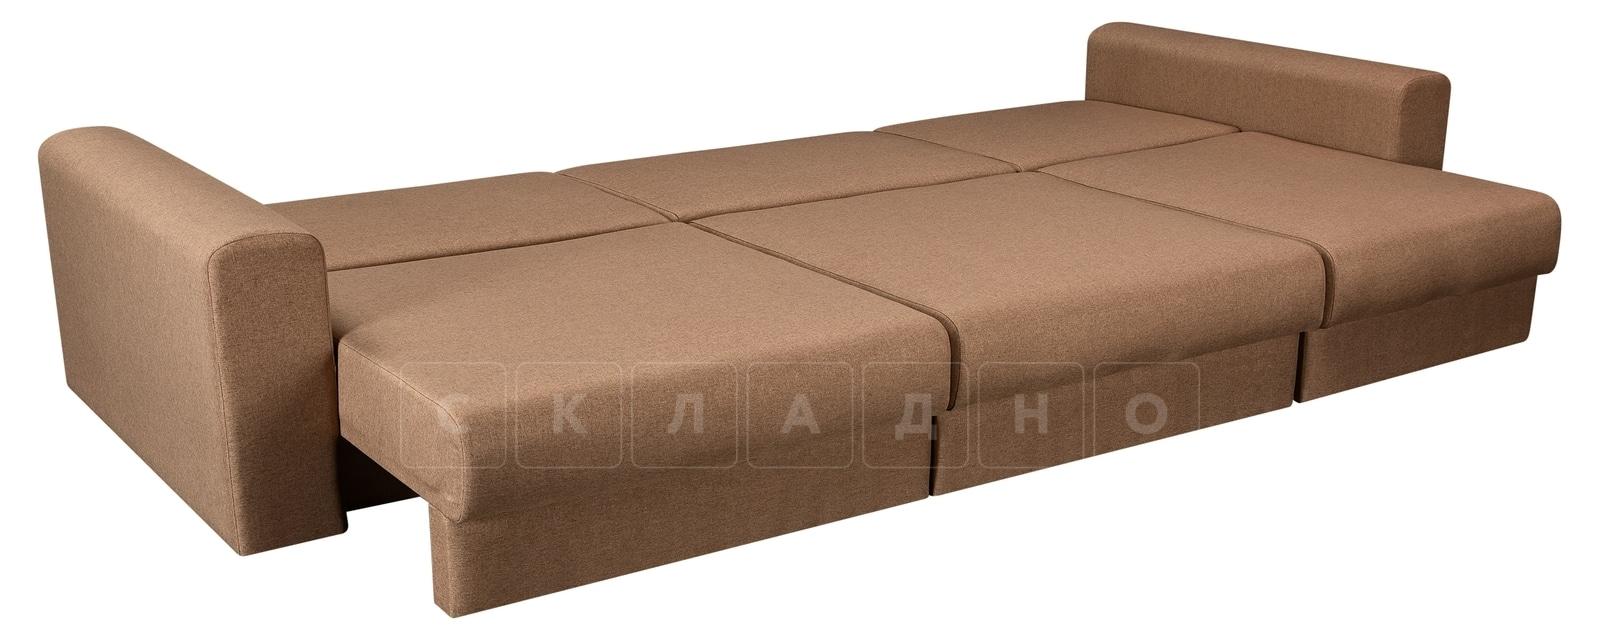 Диван Медисон коричневый 325 см фото 4 | интернет-магазин Складно